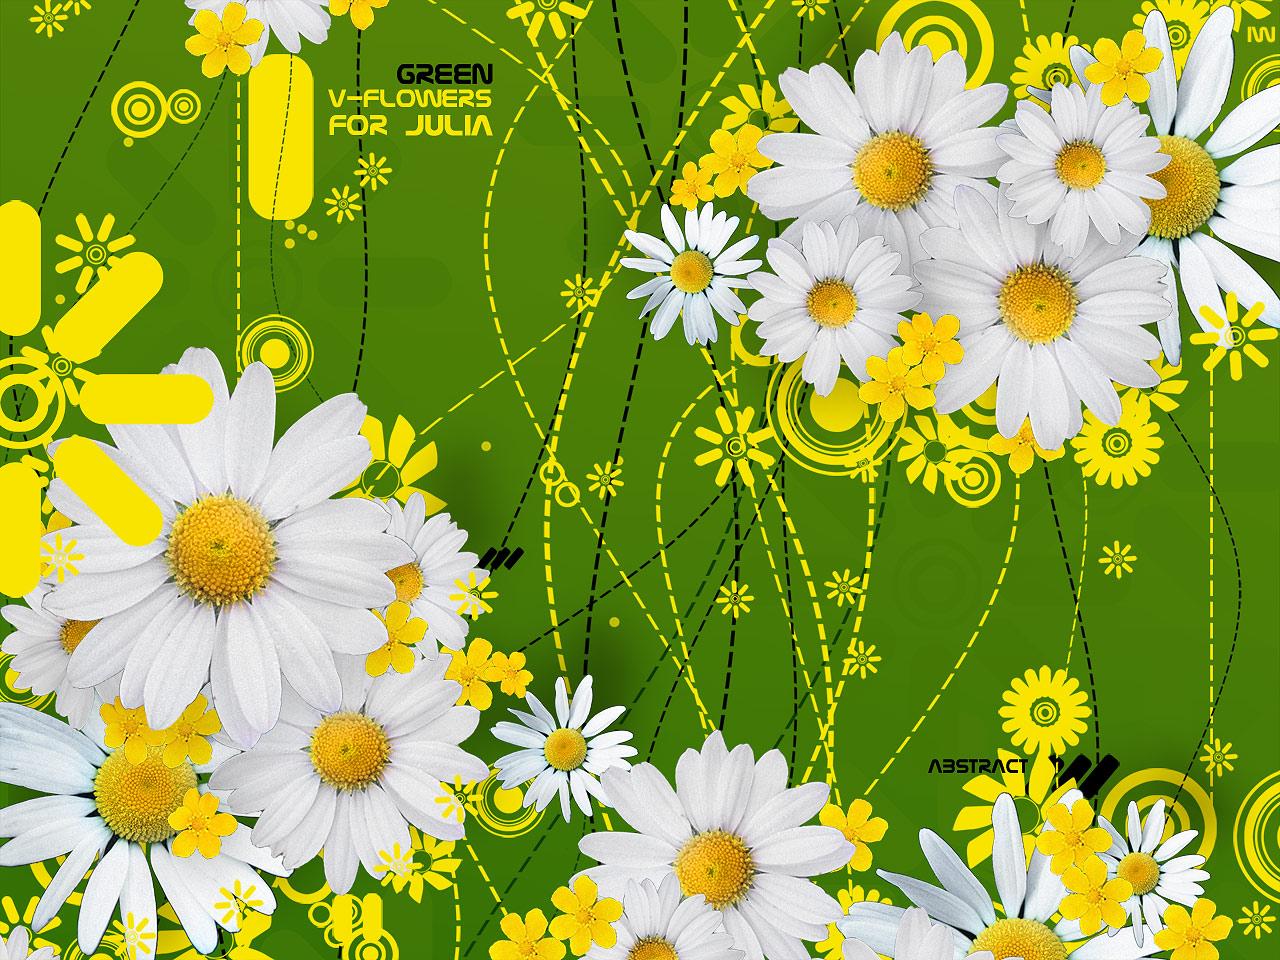 обои для рабочего стола, green wallpaper, flowers, ромашки, скачать фото